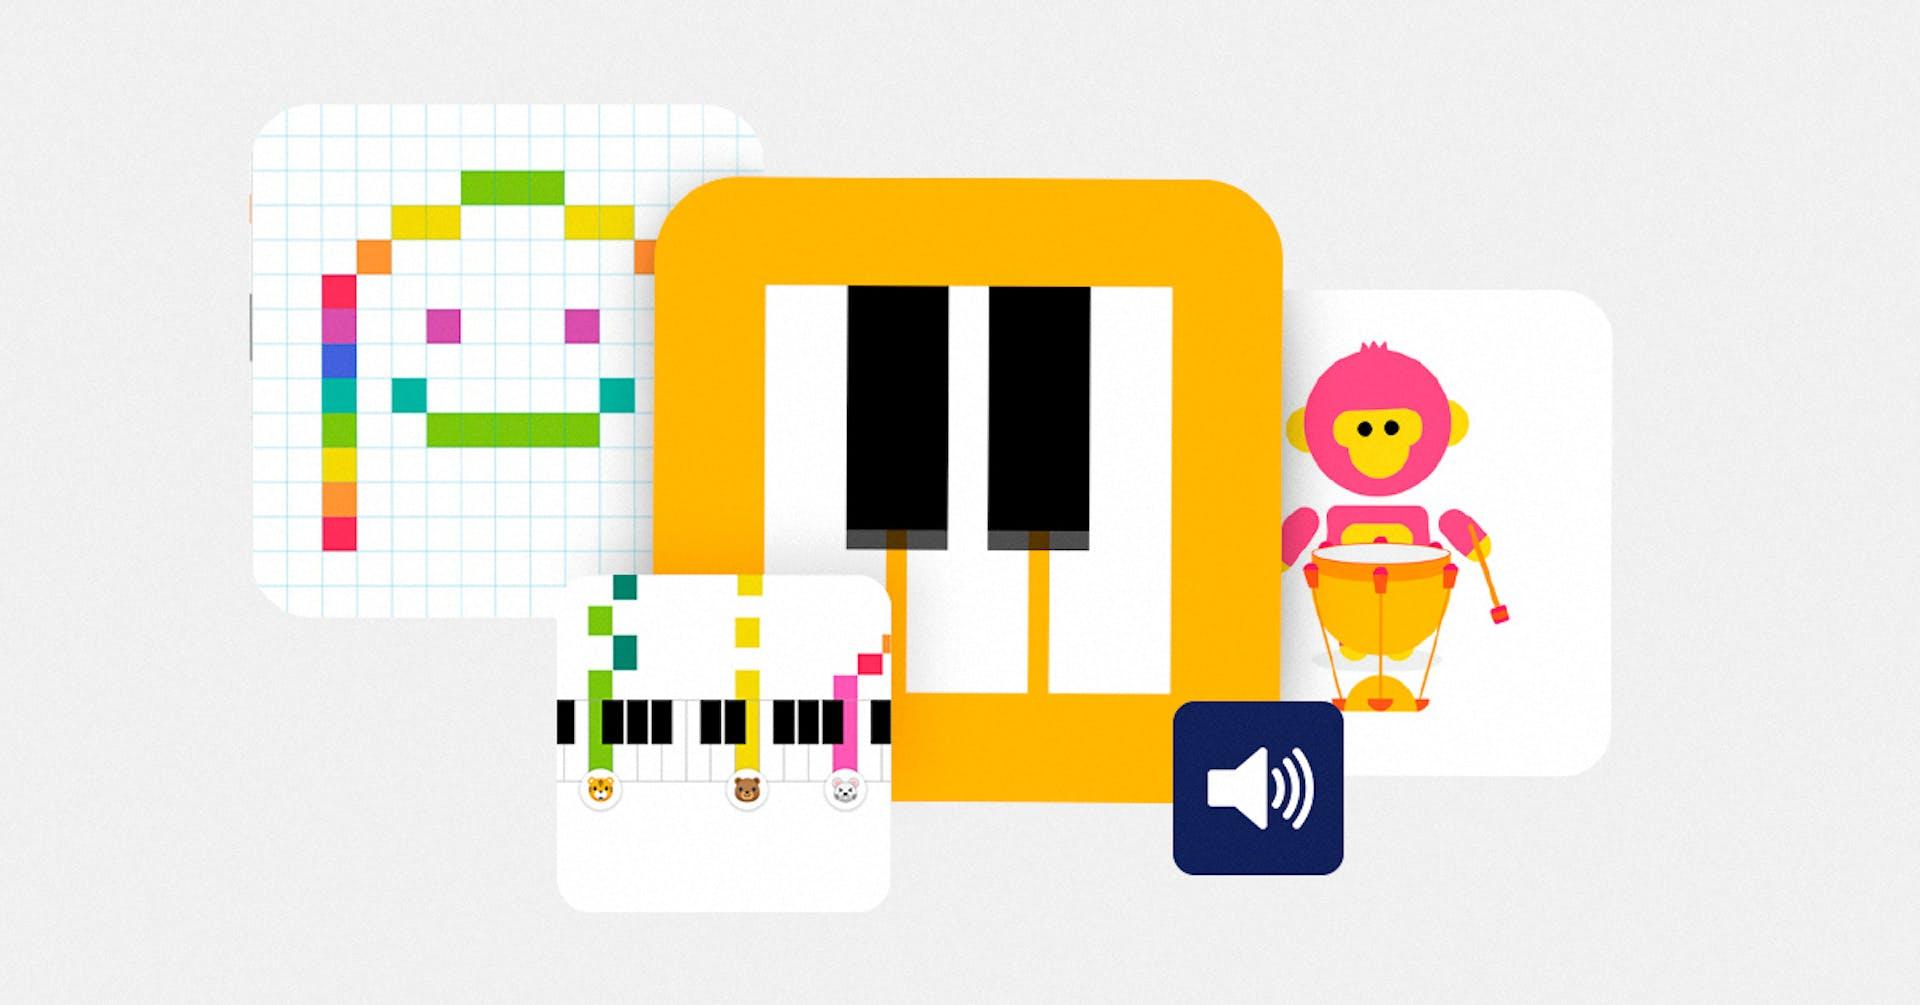 ¿Qué es chrome music lab? El laboratorio musical de Google para el músico que hay en ti.